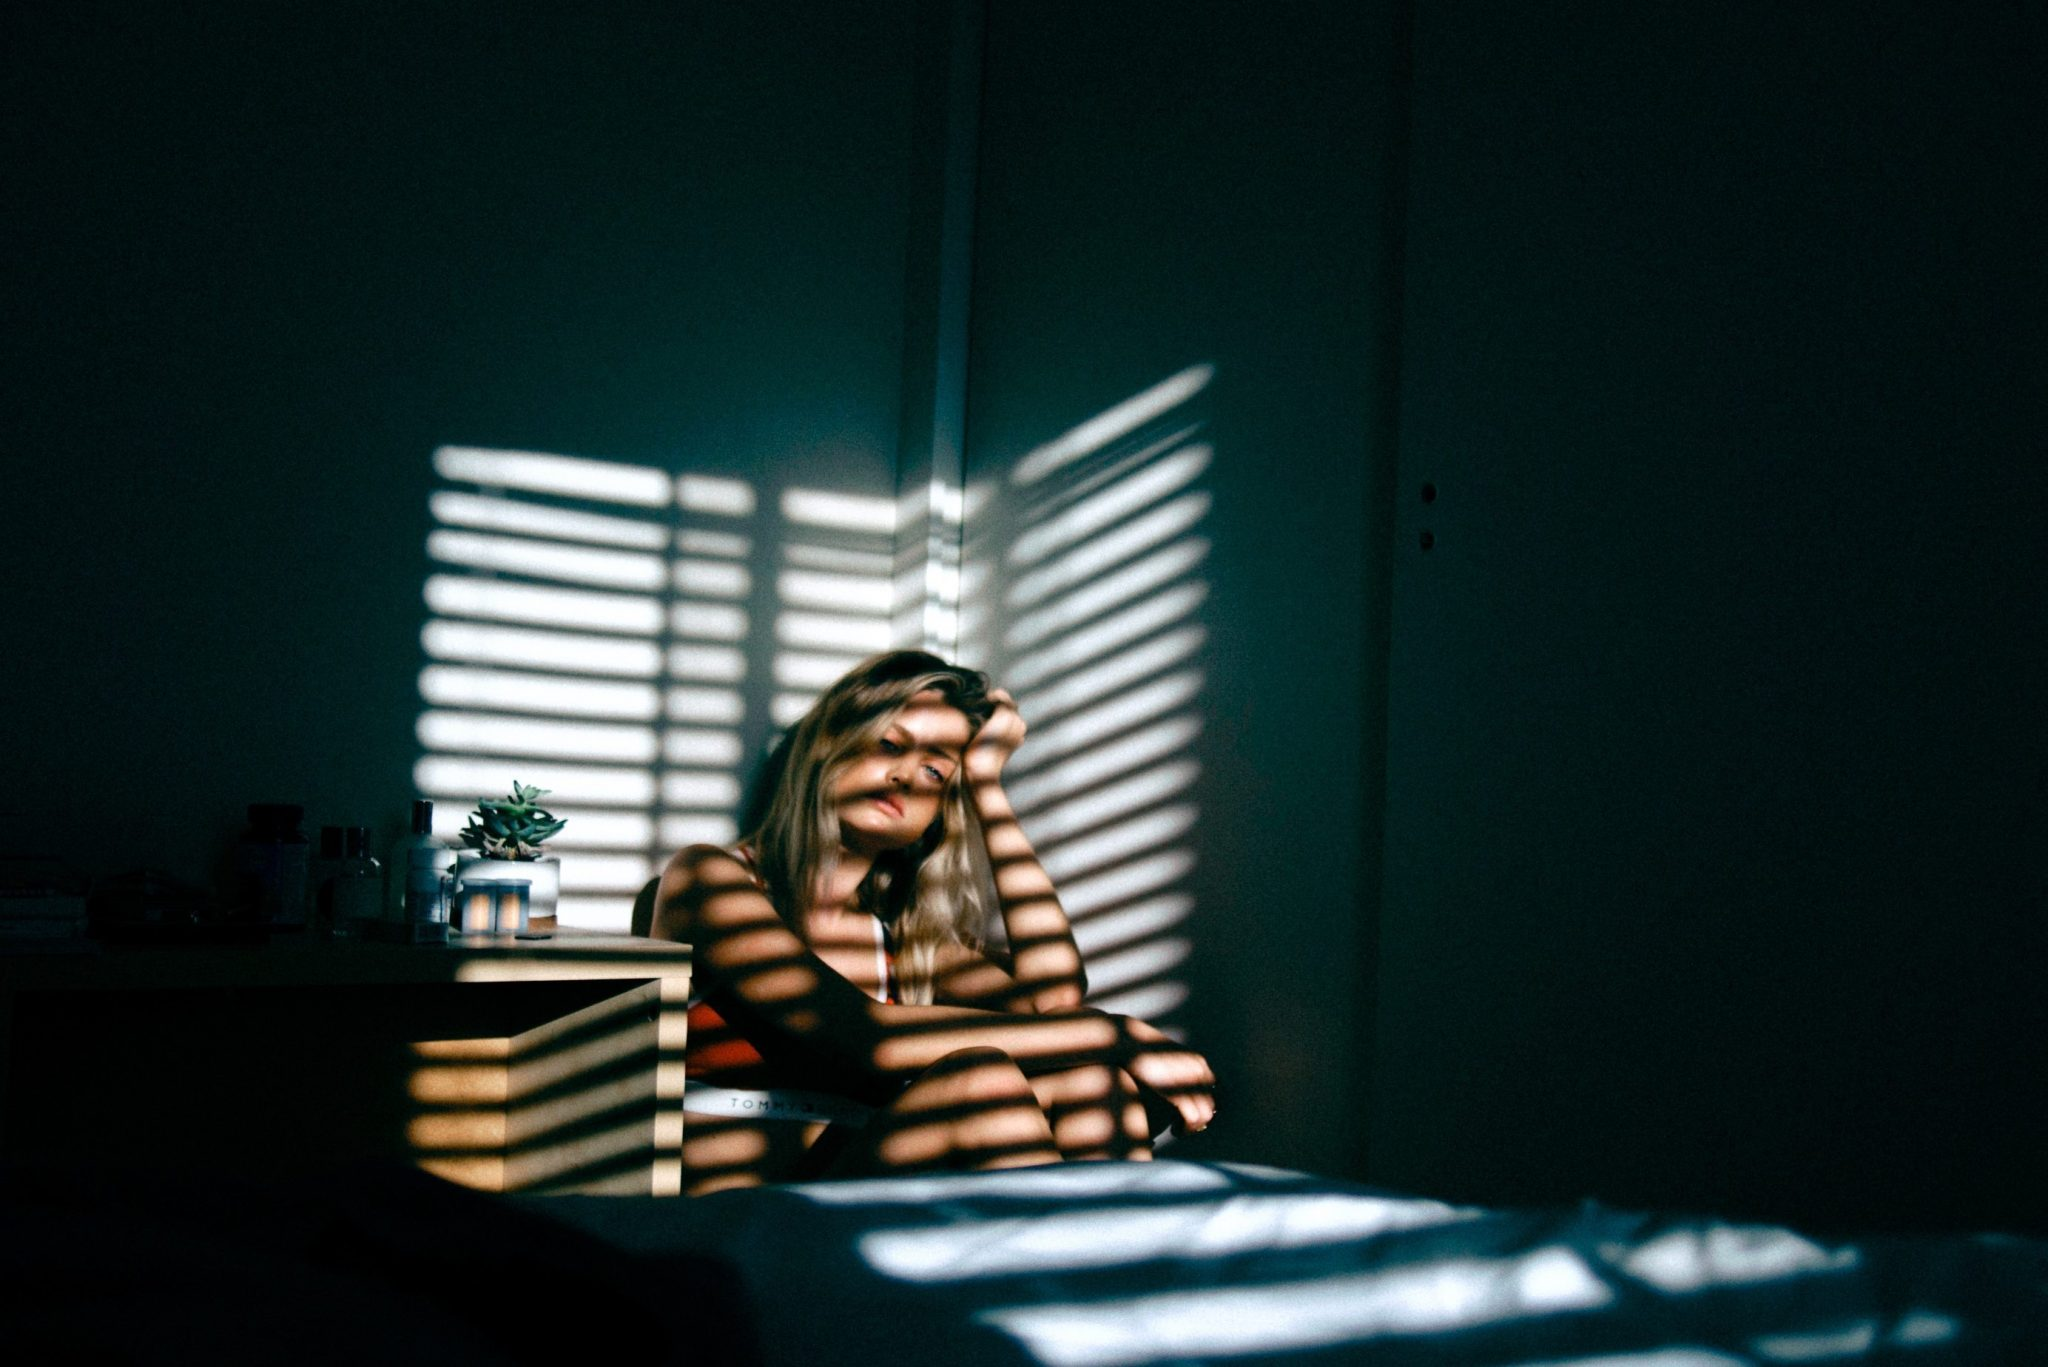 Воспаление кишечника может привести к депрессиям